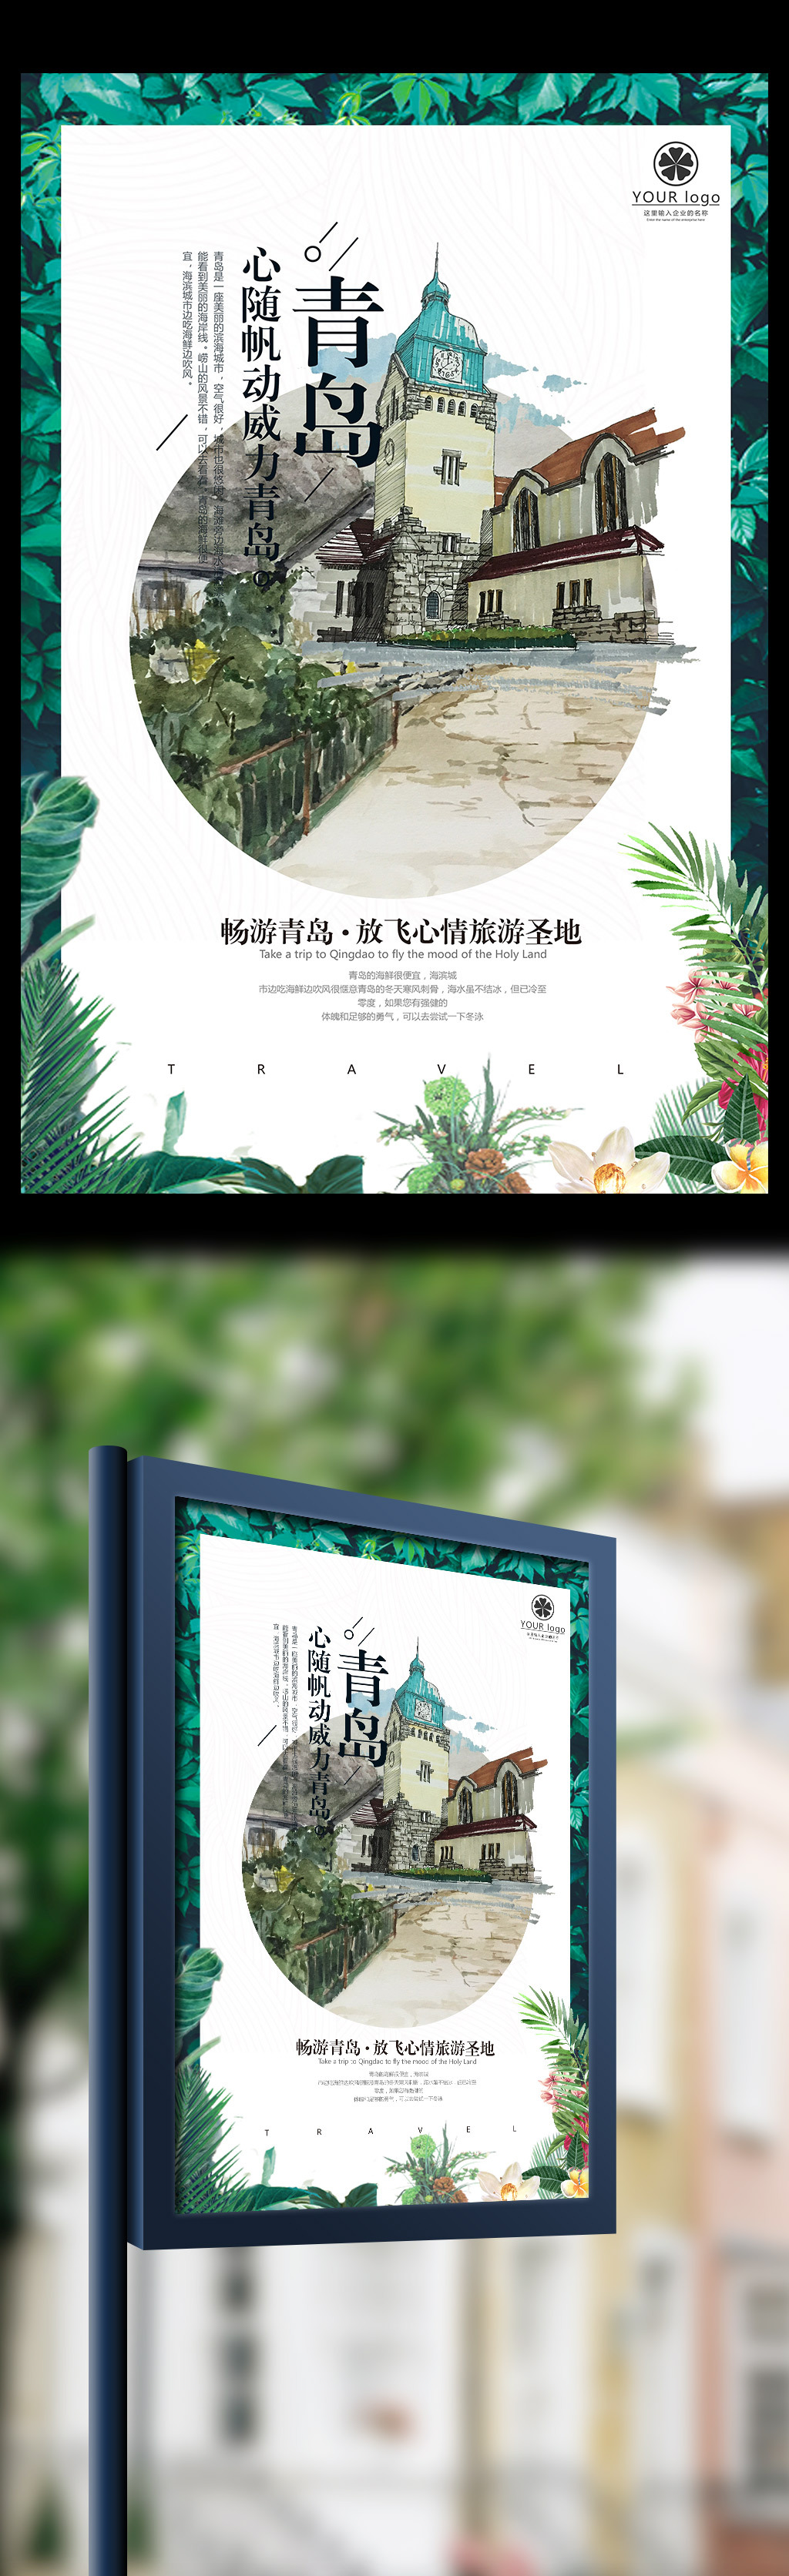 青岛旅游旅游文化宣传海报模板